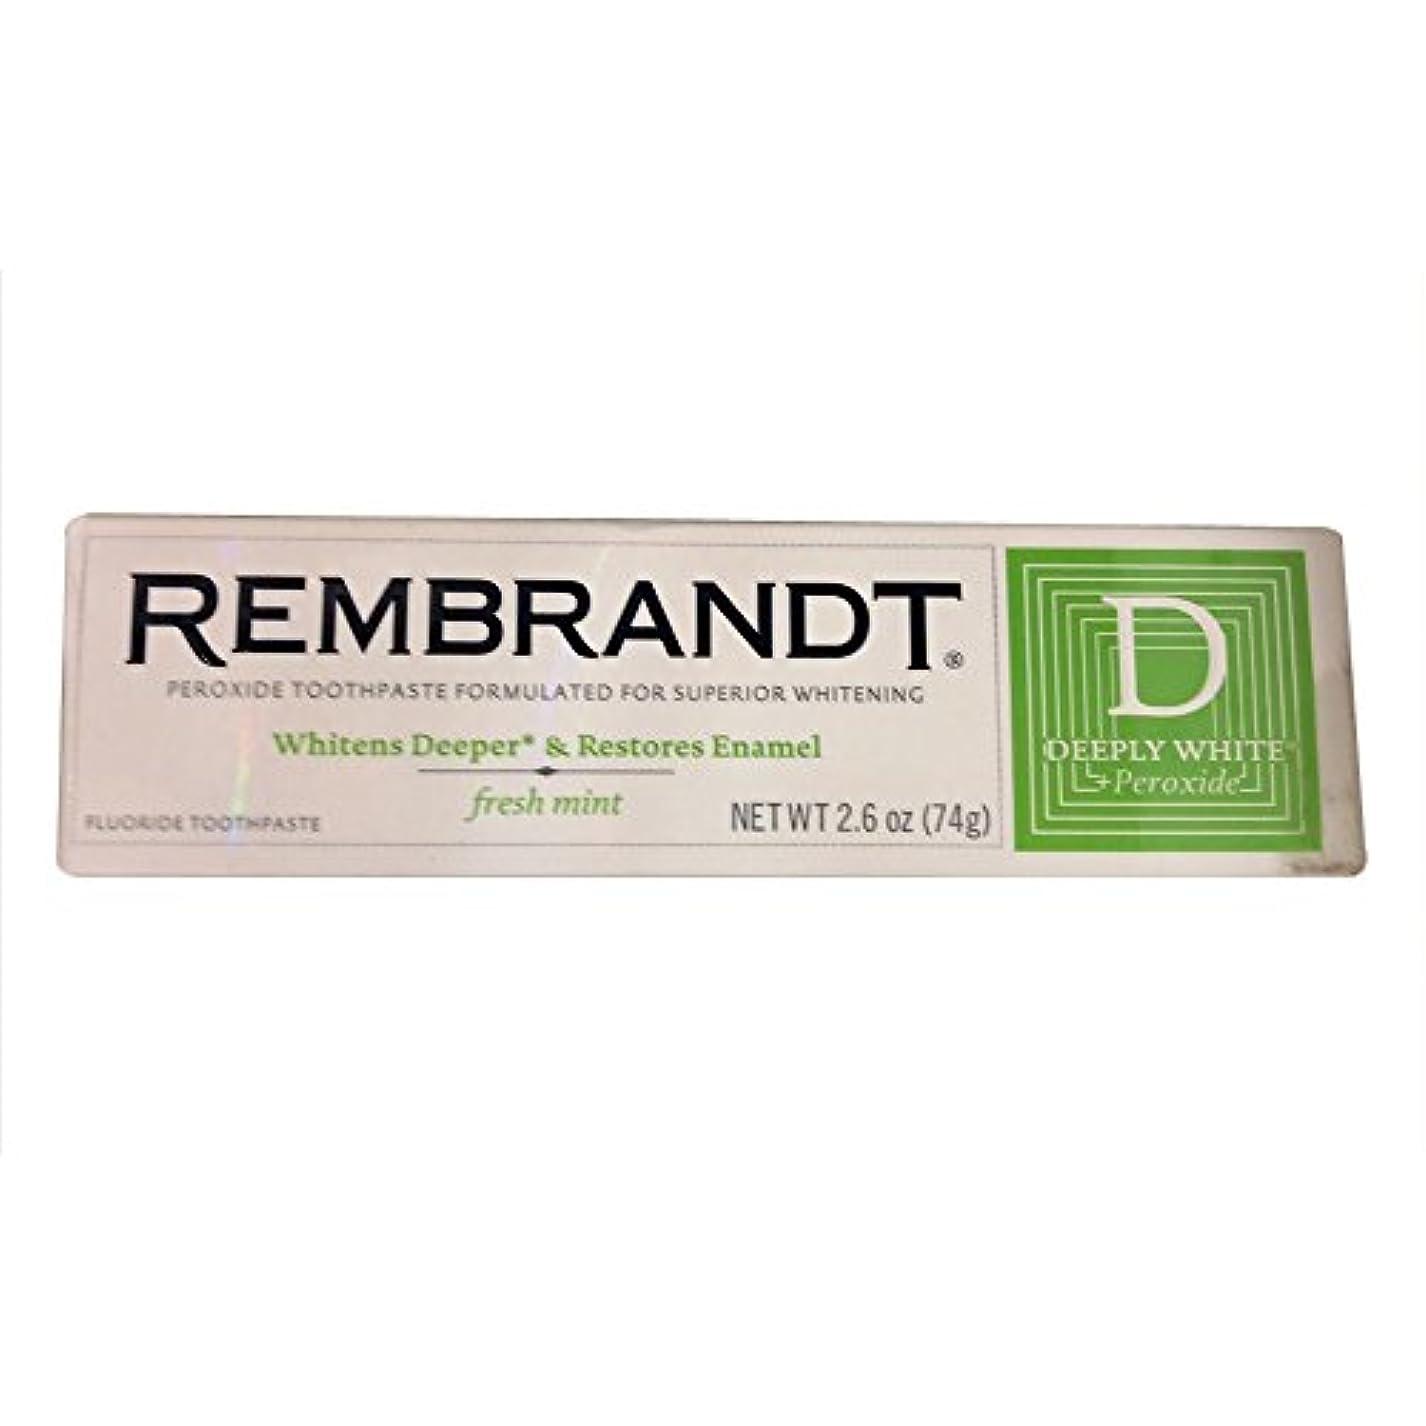 情緒的モナリザRembrandt プラス深くホワイトプラス過酸化フッ化物の歯磨き粉フレッシュミント、2.6オズ、(12パック) 12のパック